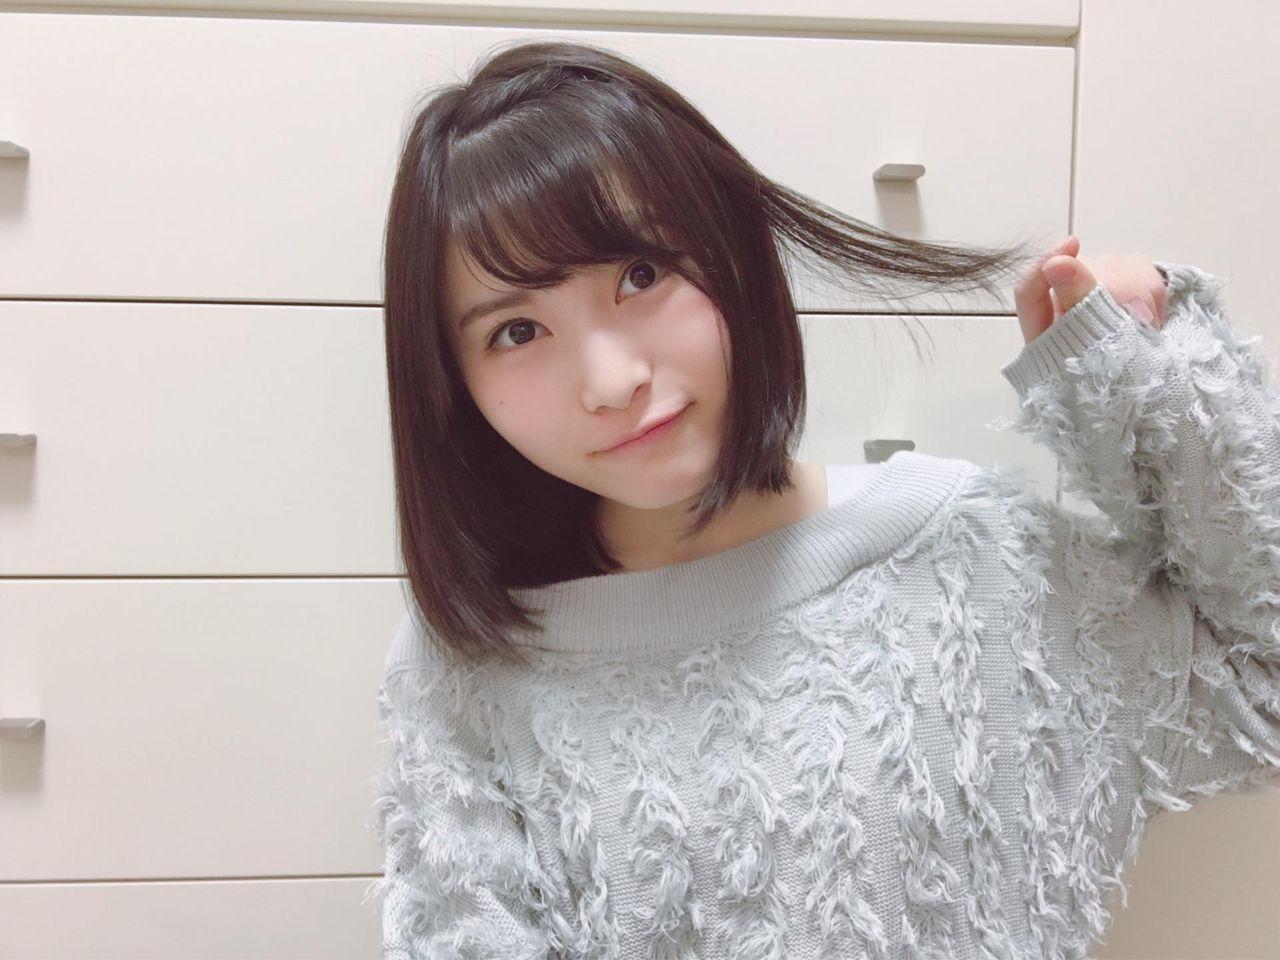 福岡聖菜 画像 : 【AKB48】福岡...